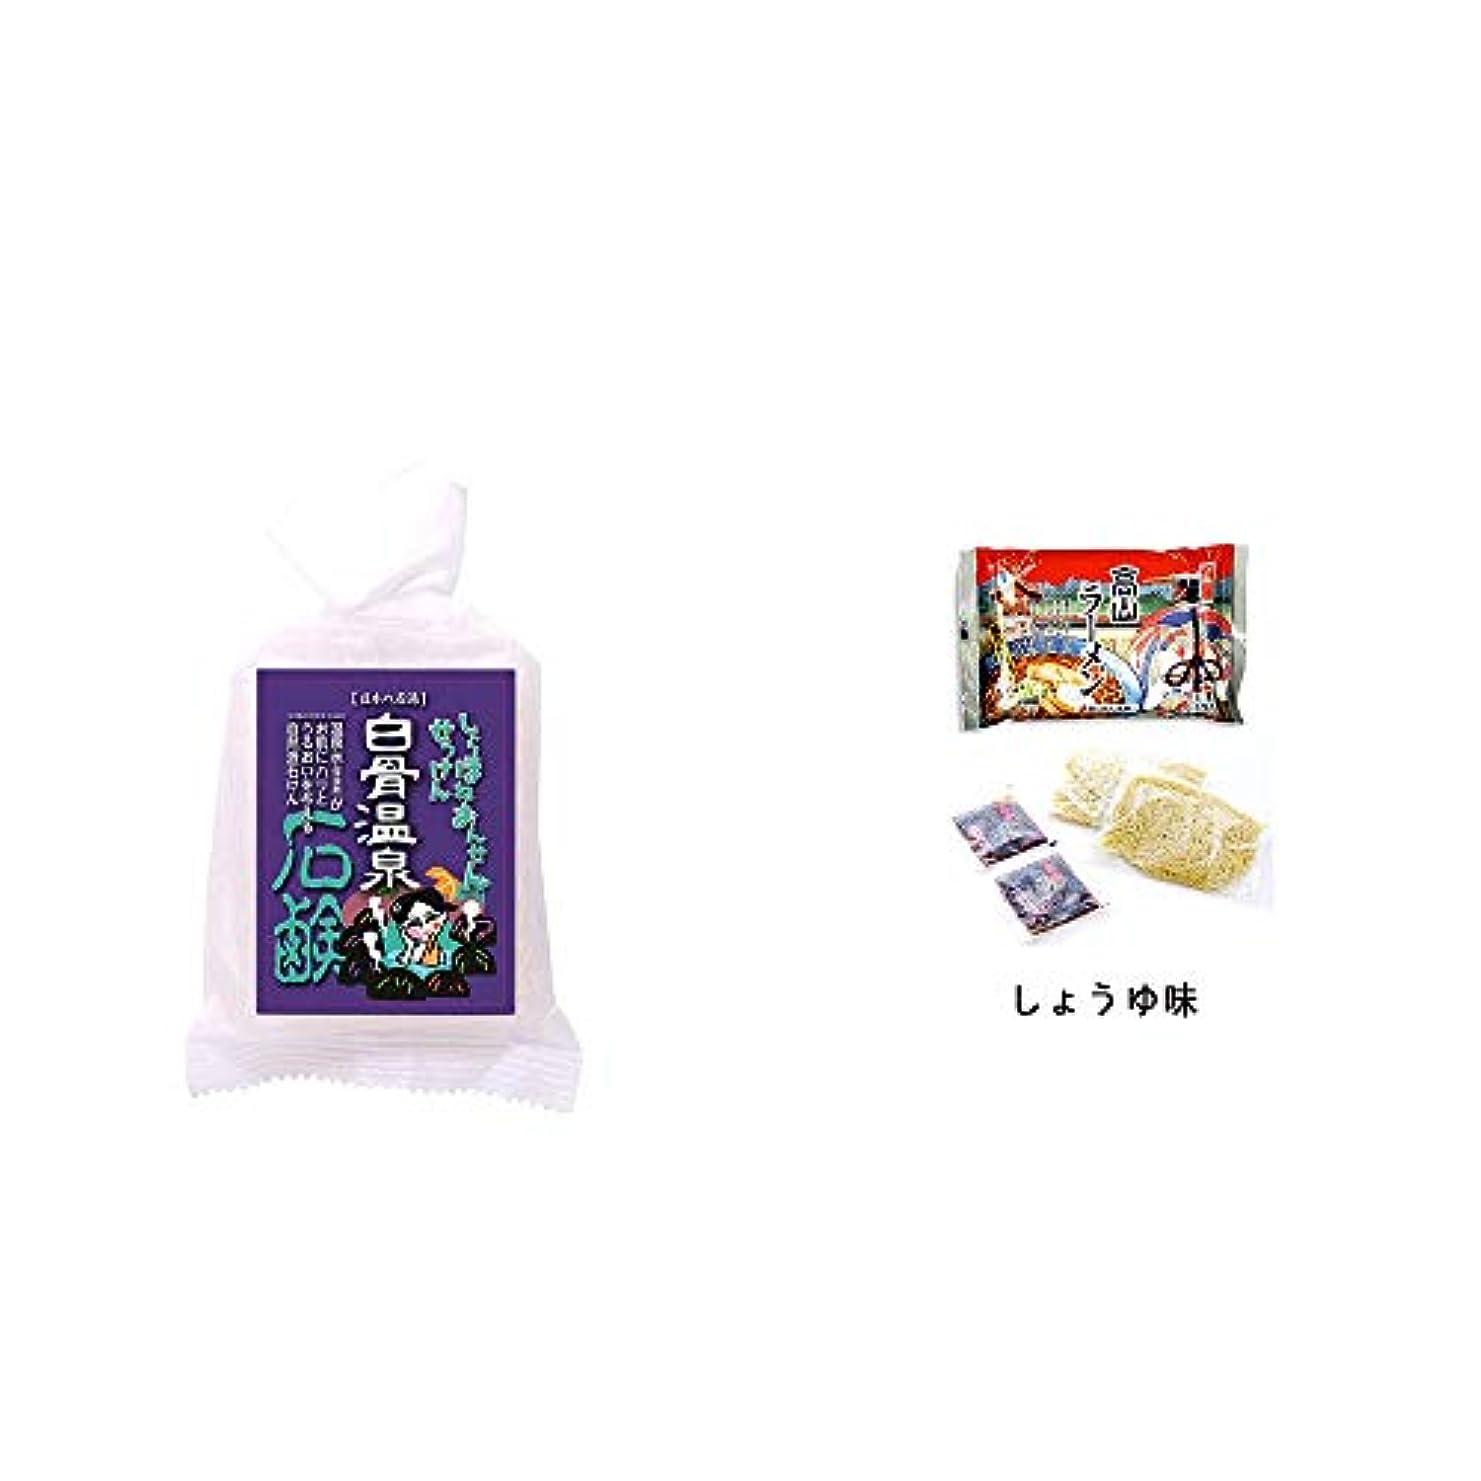 報告書再編成するヒューマニスティック[2点セット] 信州 白骨温泉石鹸(80g)?飛騨高山ラーメン[生麺?スープ付 (しょうゆ味)]